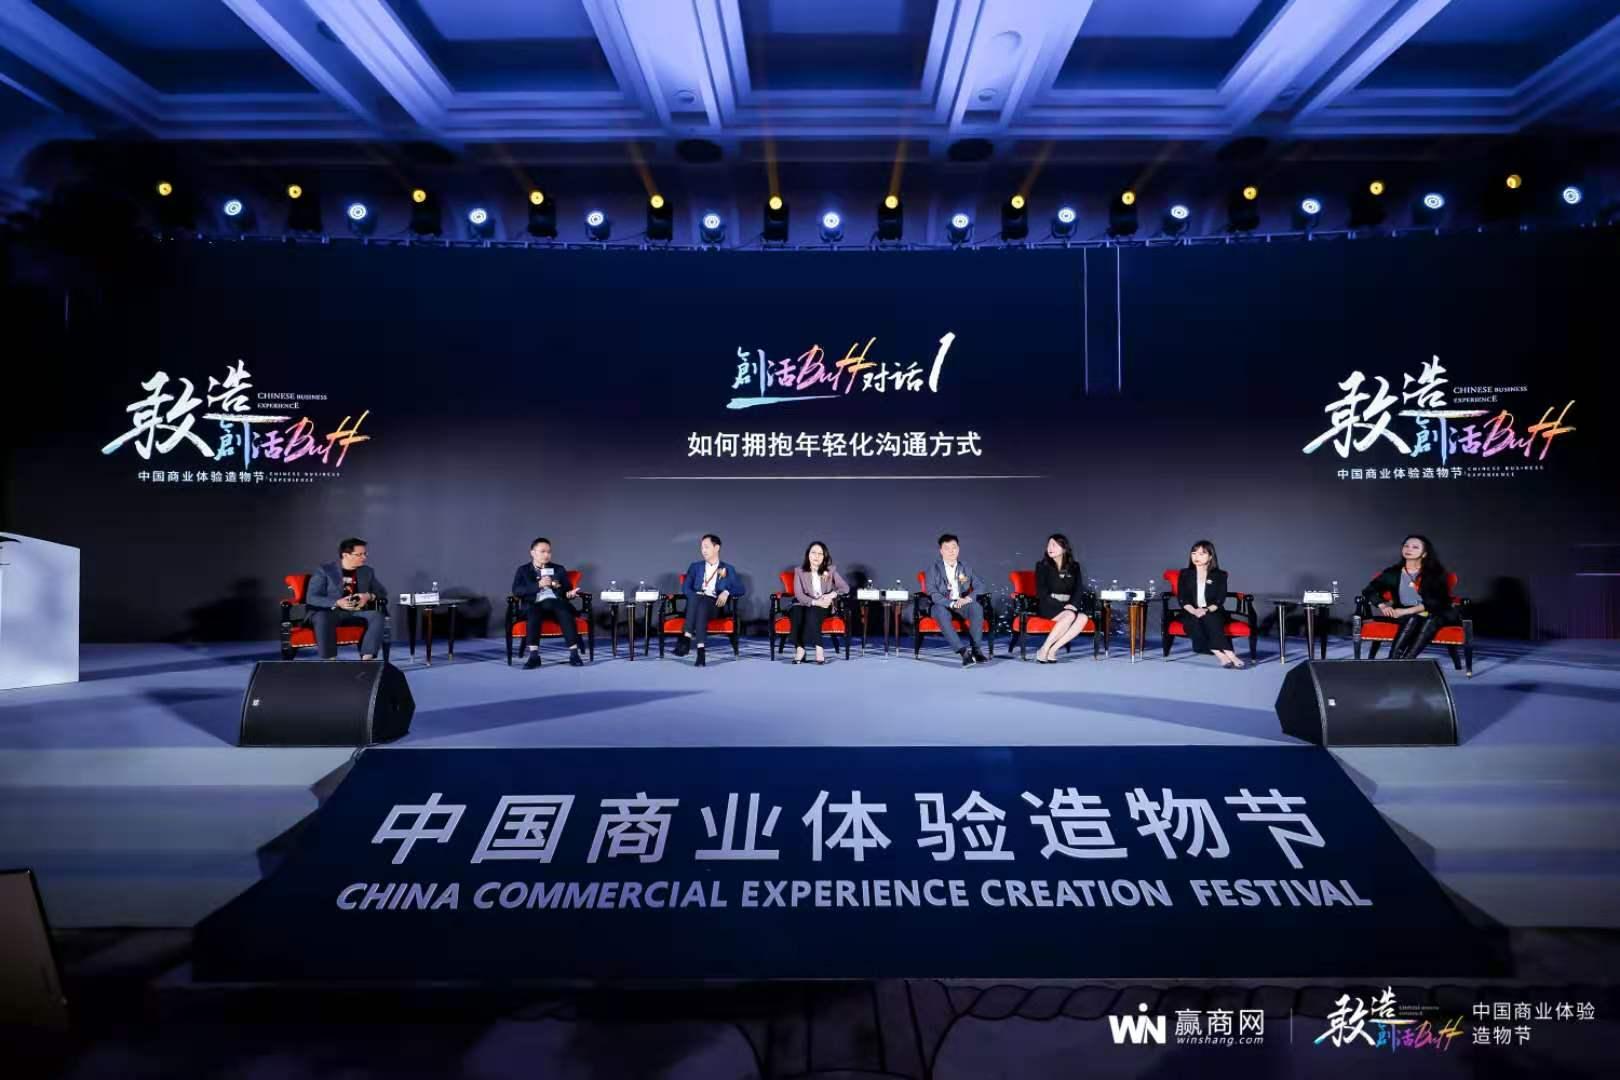 开心麻花文娟:拥抱、尊重年轻客群,使产品契合年轻人价值观